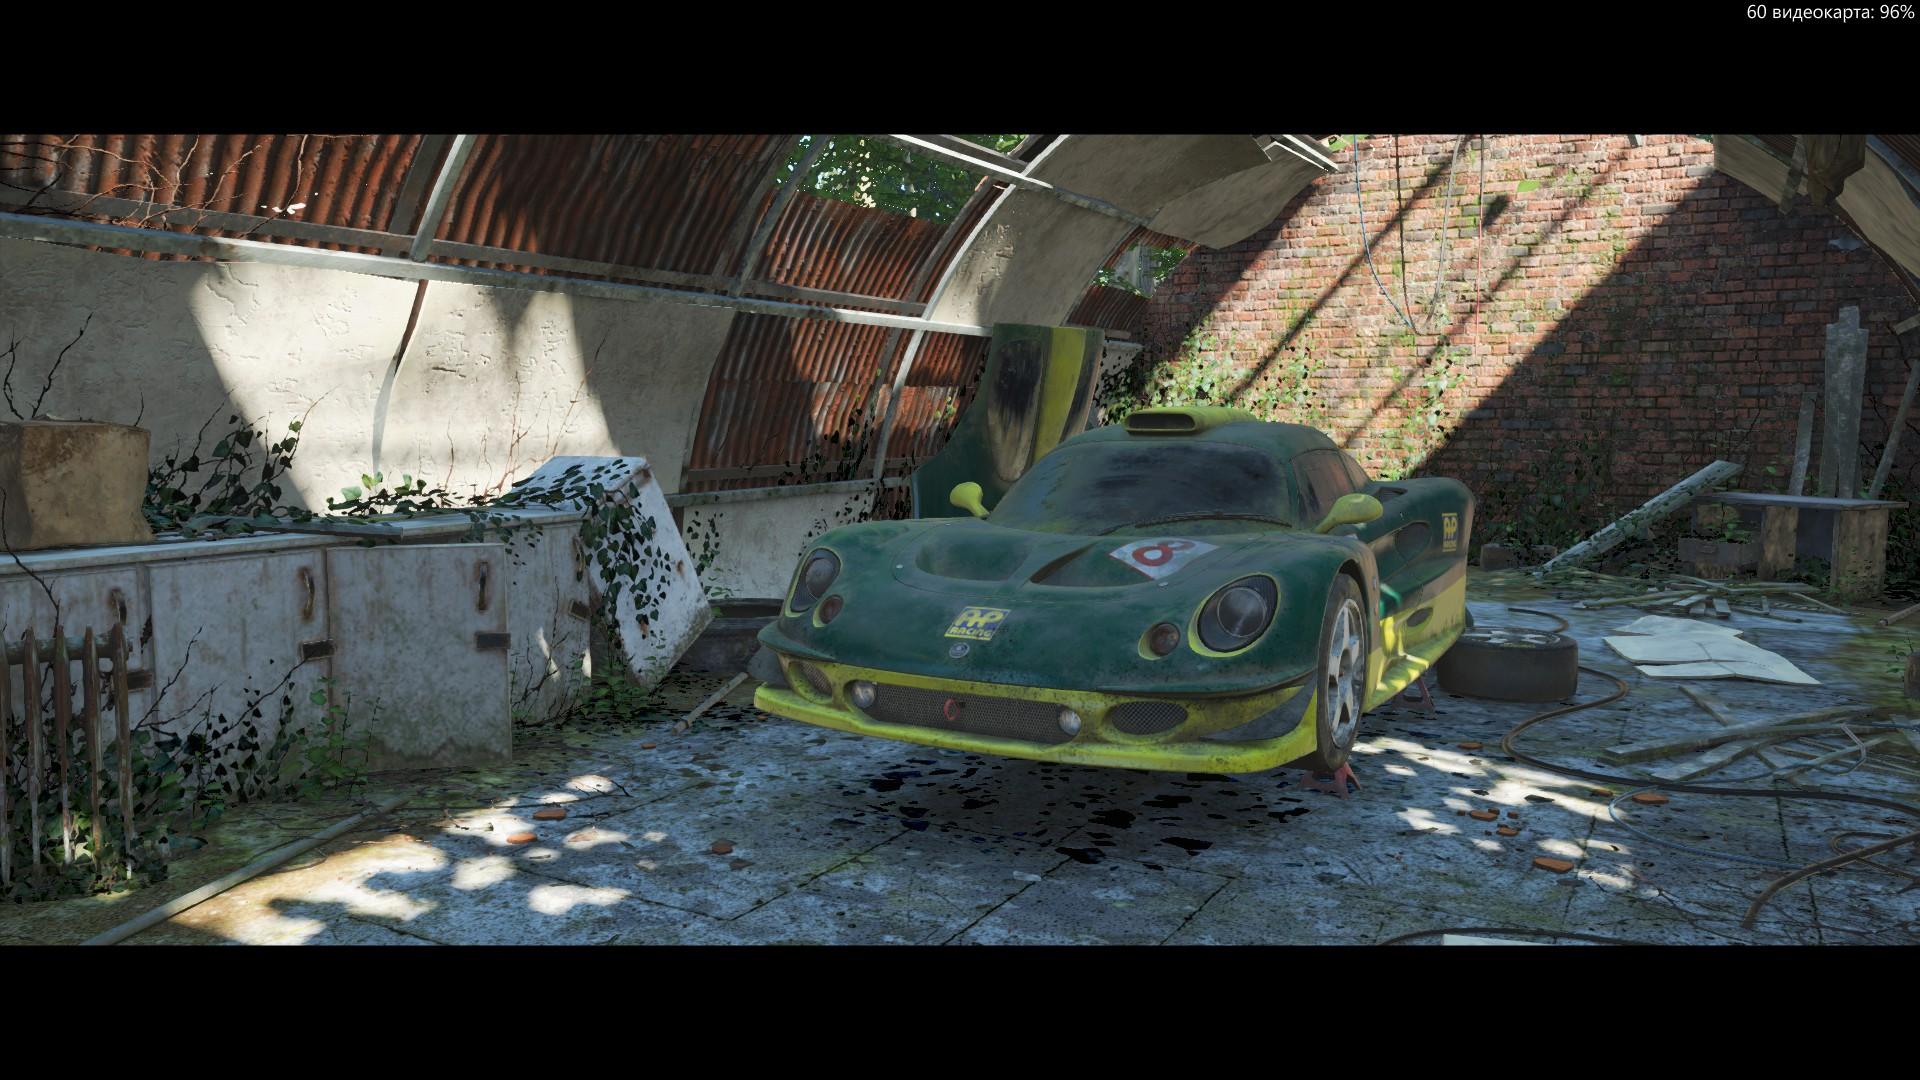 Расположение всех раритетов в Forza Horizon 4